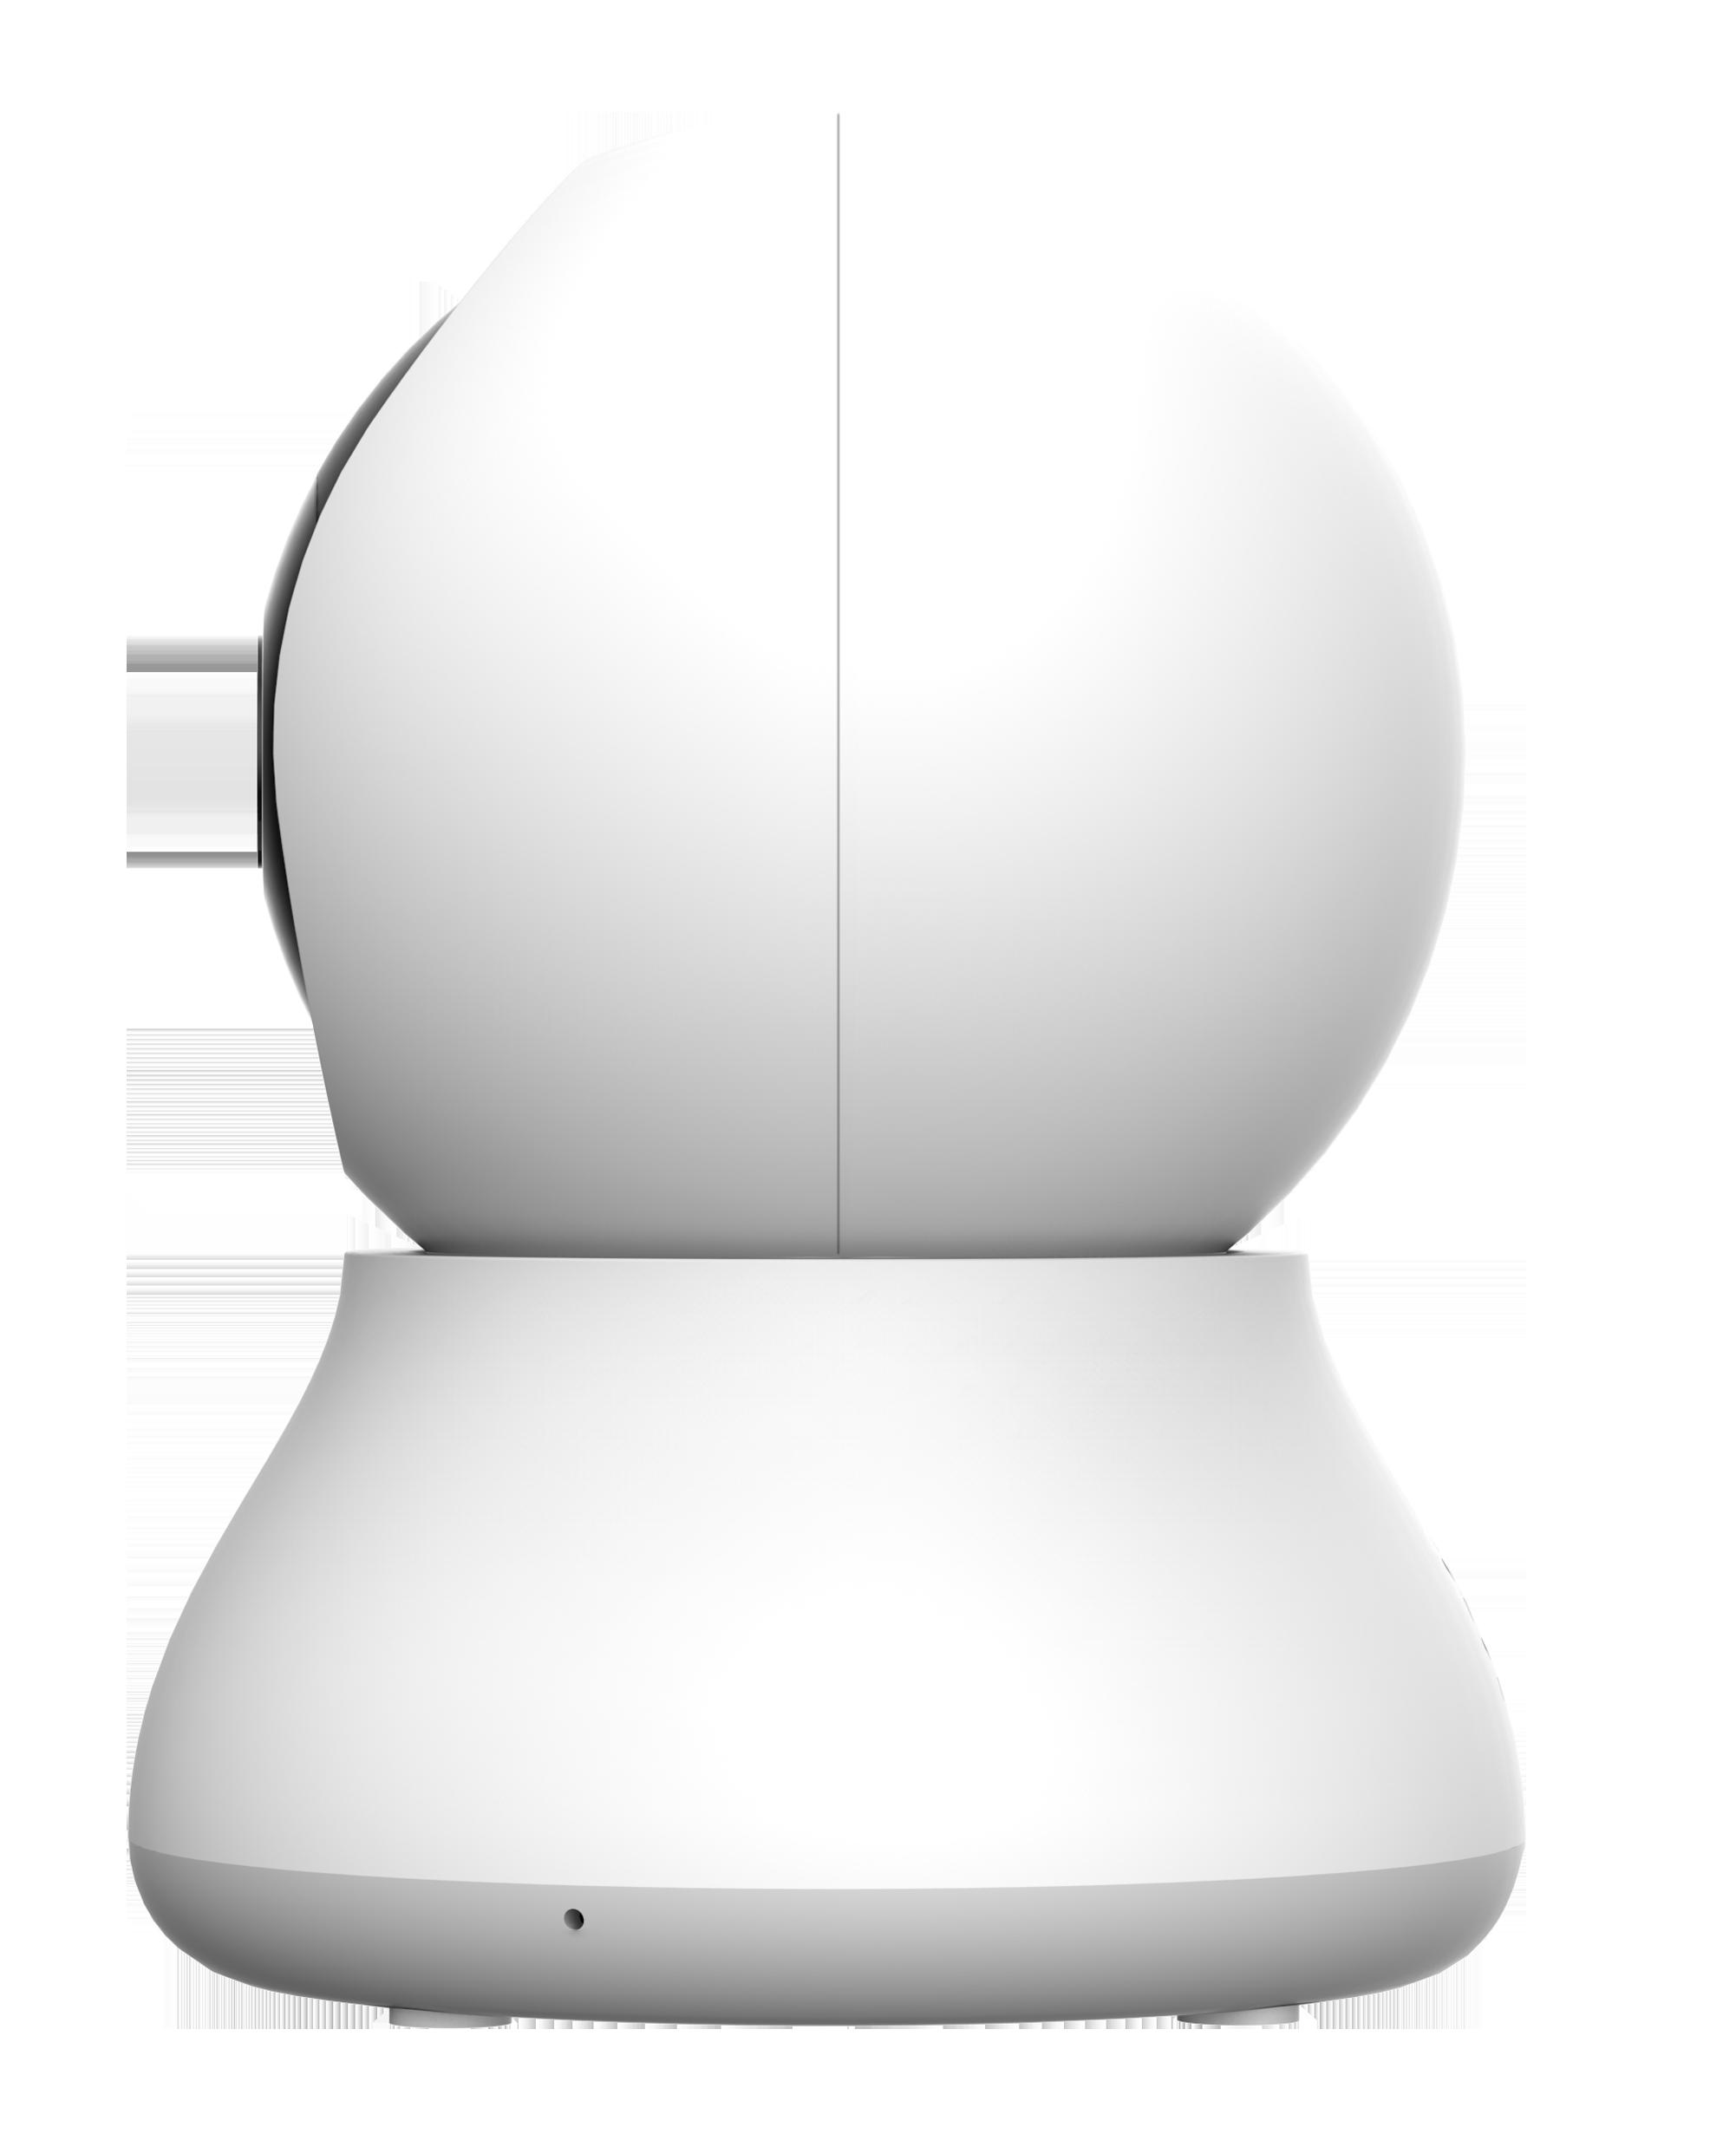 横から見たパンチルト、遠隔操作対応の 首振りタイプ RS-WFCAM2